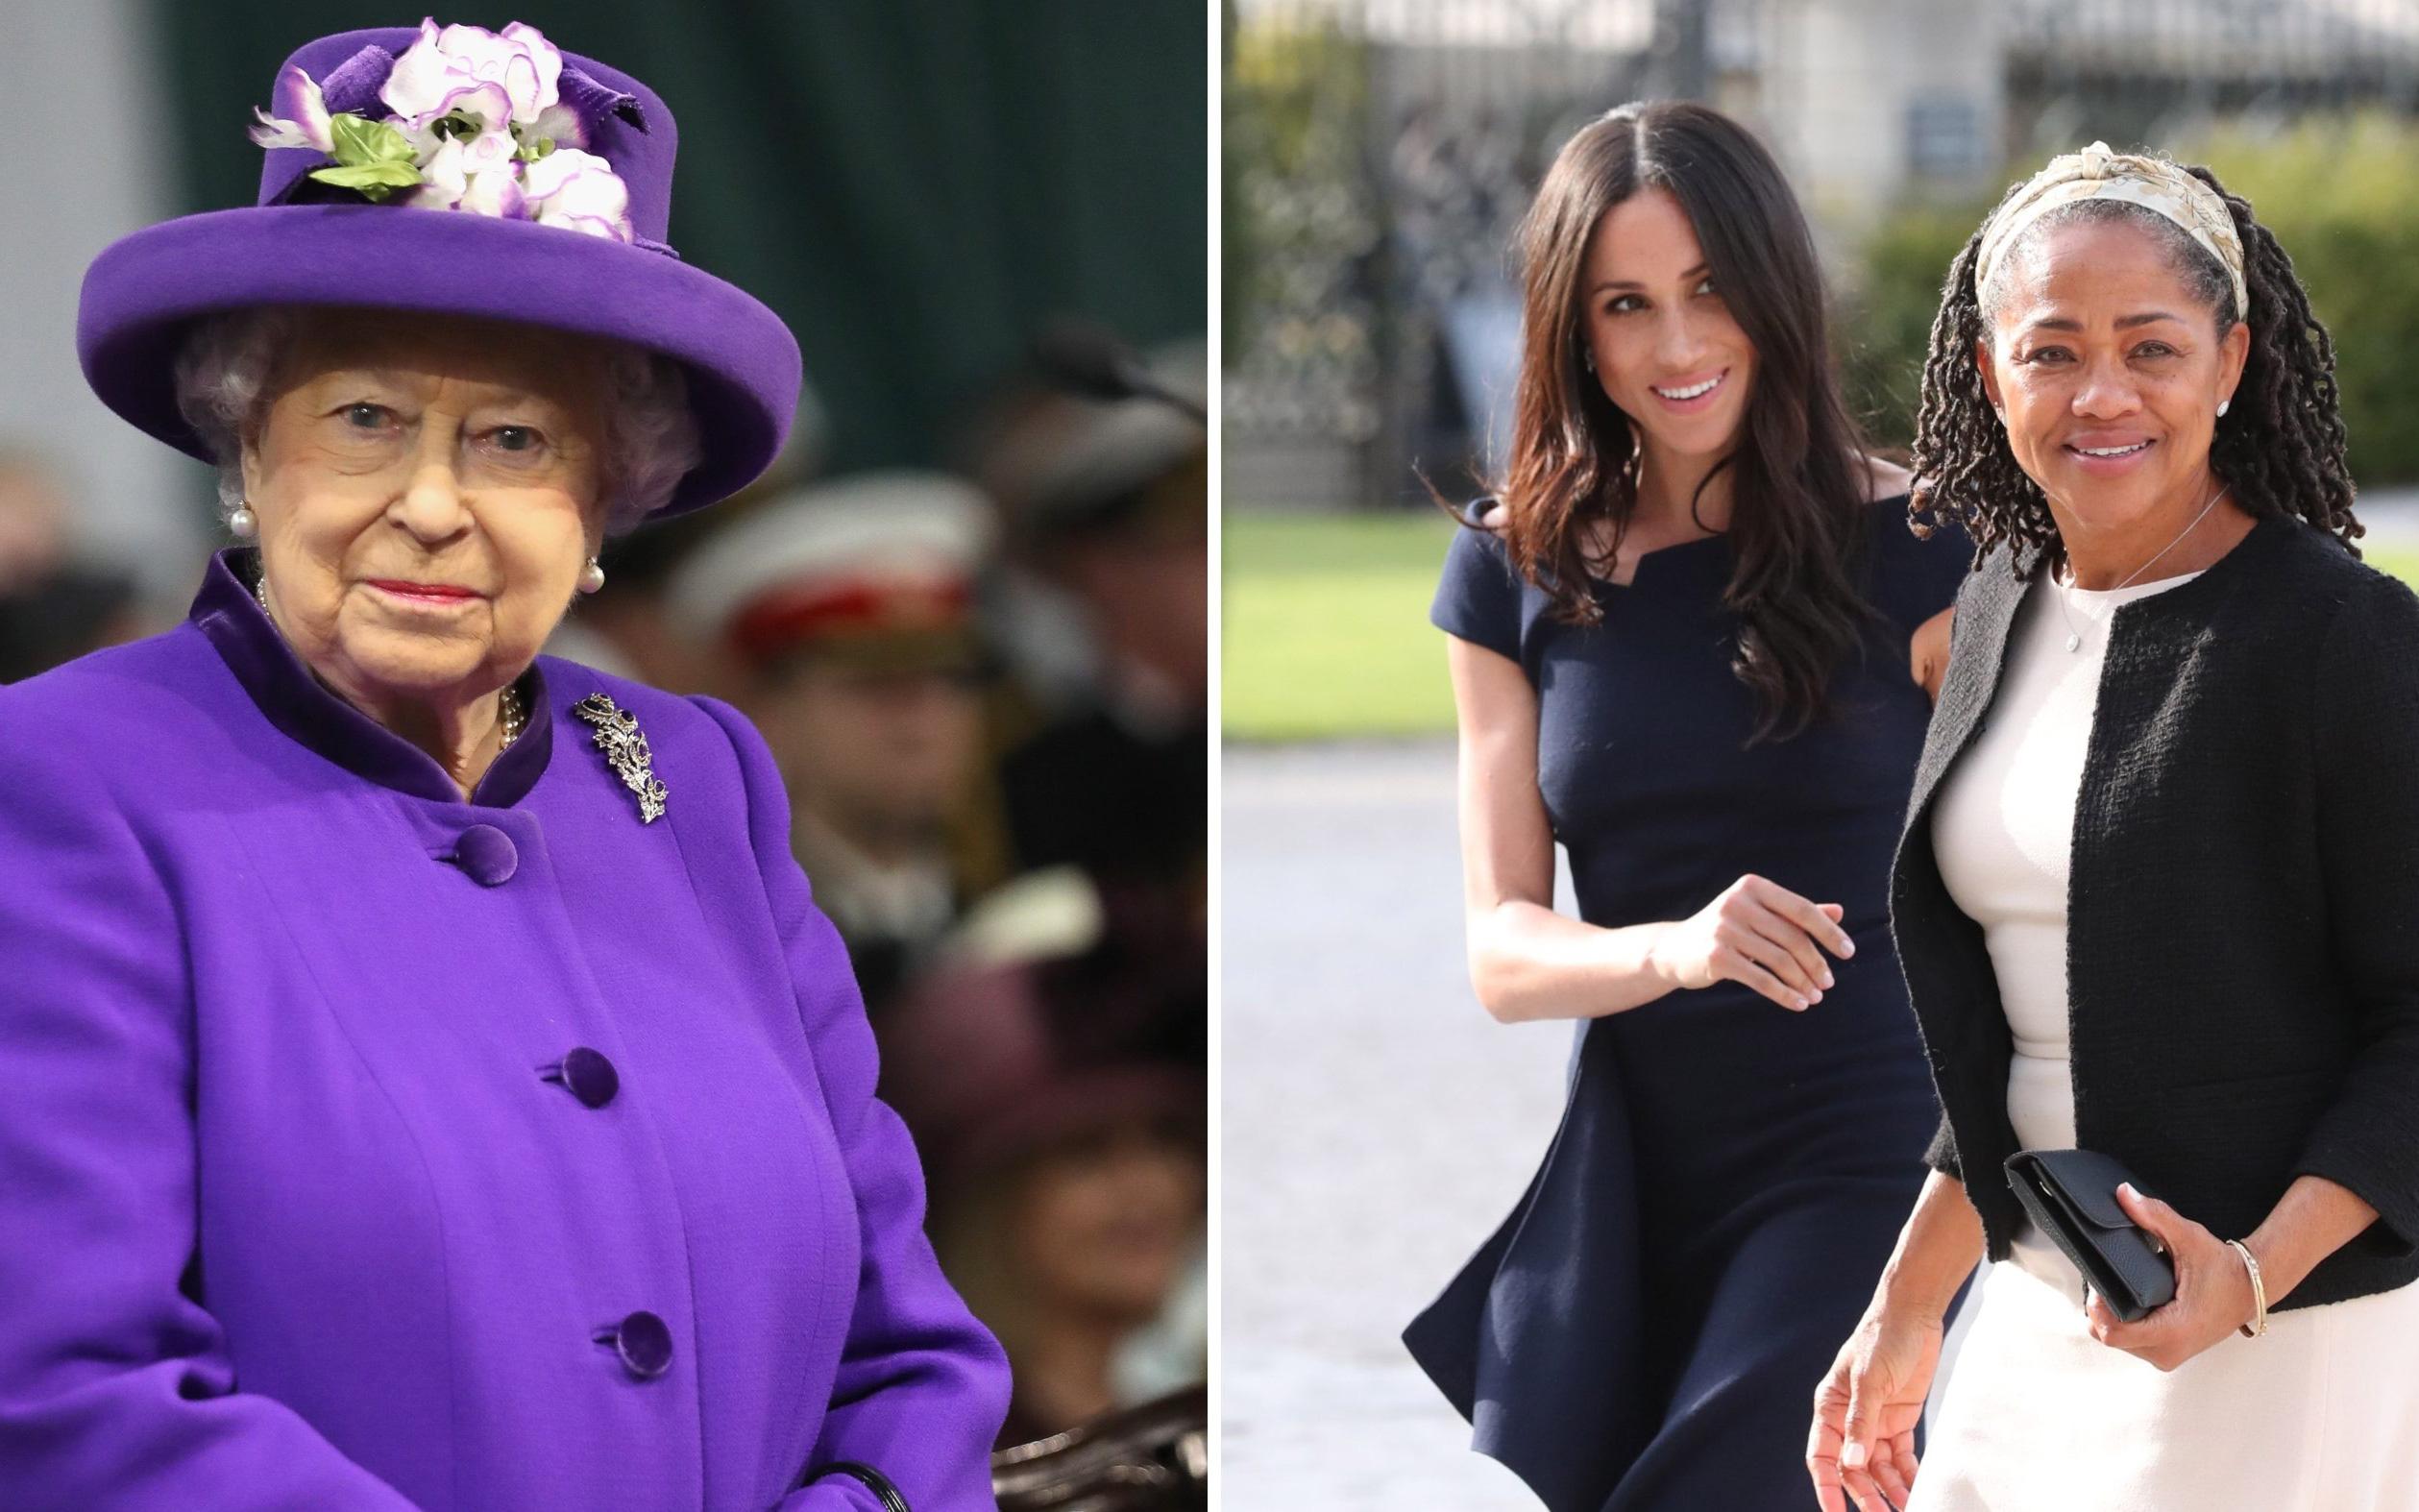 Meghan Markle ''được voi đòi tiên'' khi muốn mẹ đẻ trở thành nữ bá tước và thái độ rõ ràng của Nữ hoàng Anh